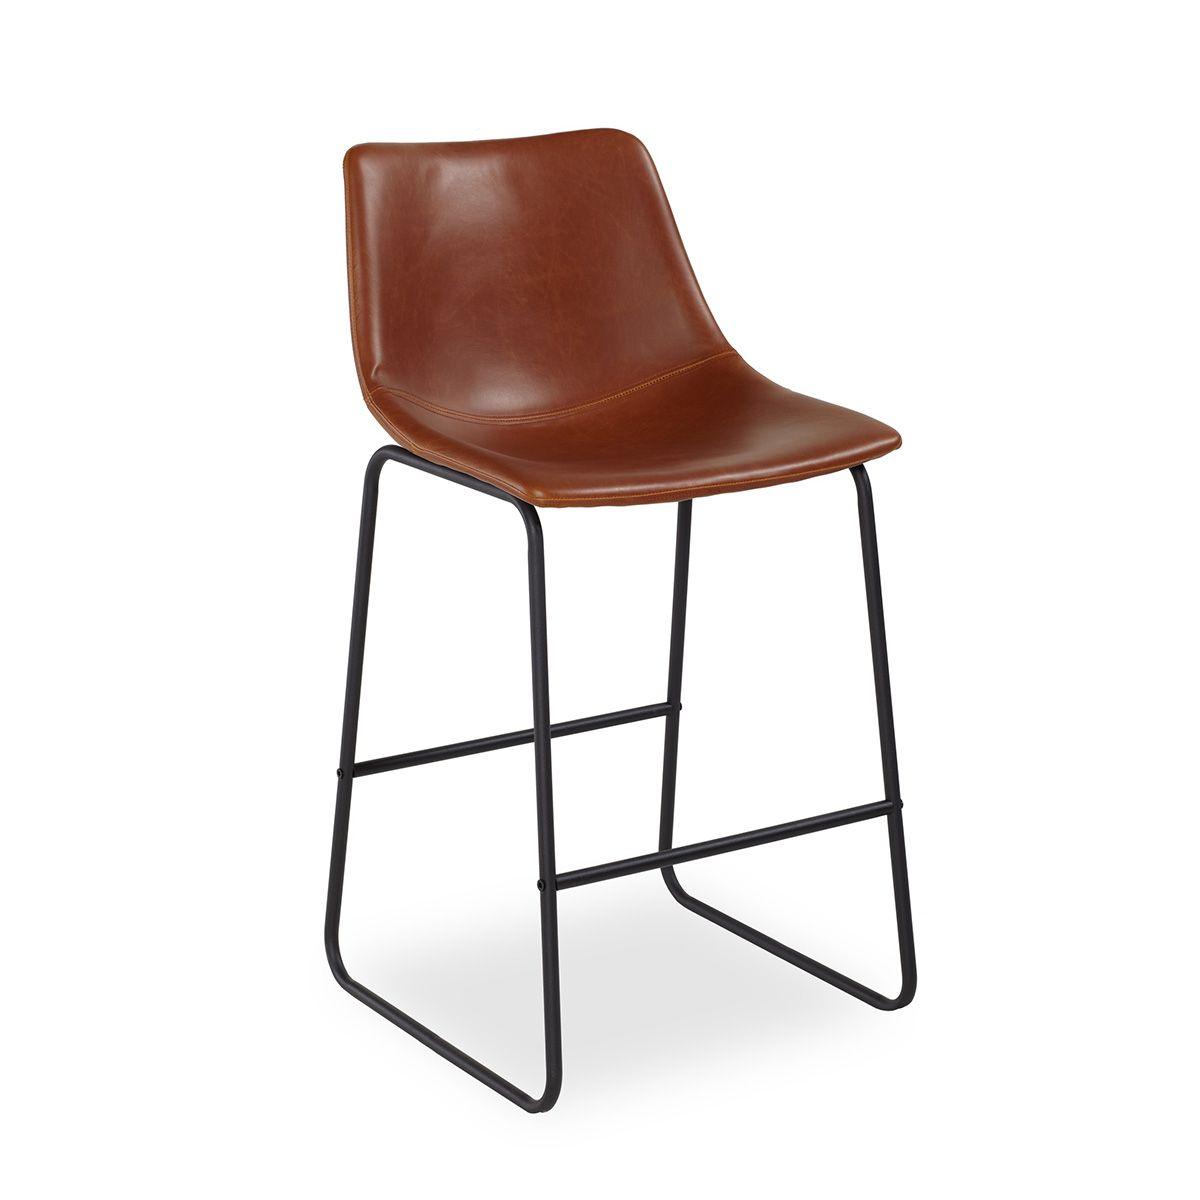 Купить Барный стул Vermut коричневый в интернет магазине дизайнерской мебели и аксессуаров для дома и дачи